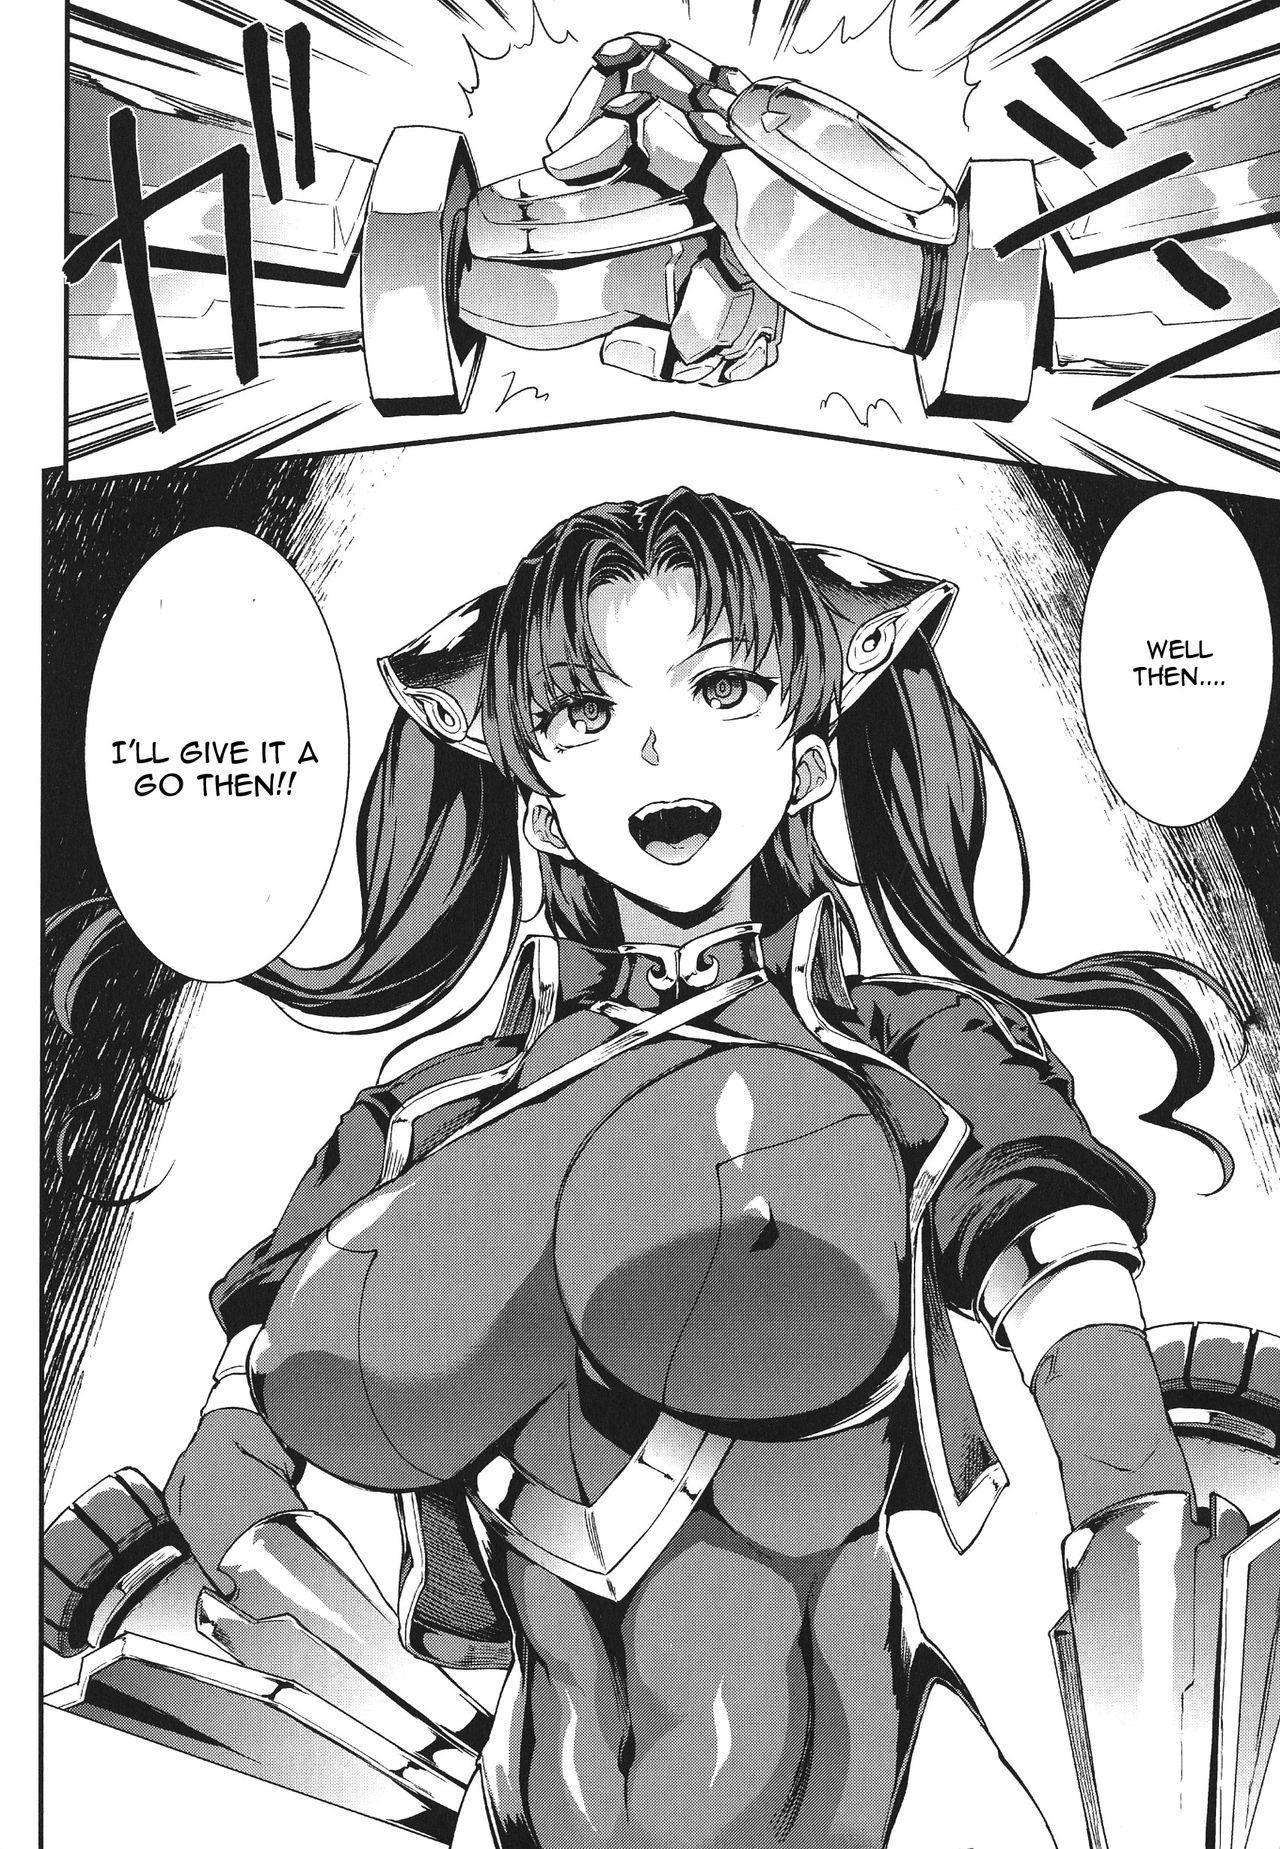 [Erect Sawaru] Raikou Shinki Igis Magia -PANDRA saga 3rd ignition- Ch. 1-7 + Medousa [English] [CGrascal] 107